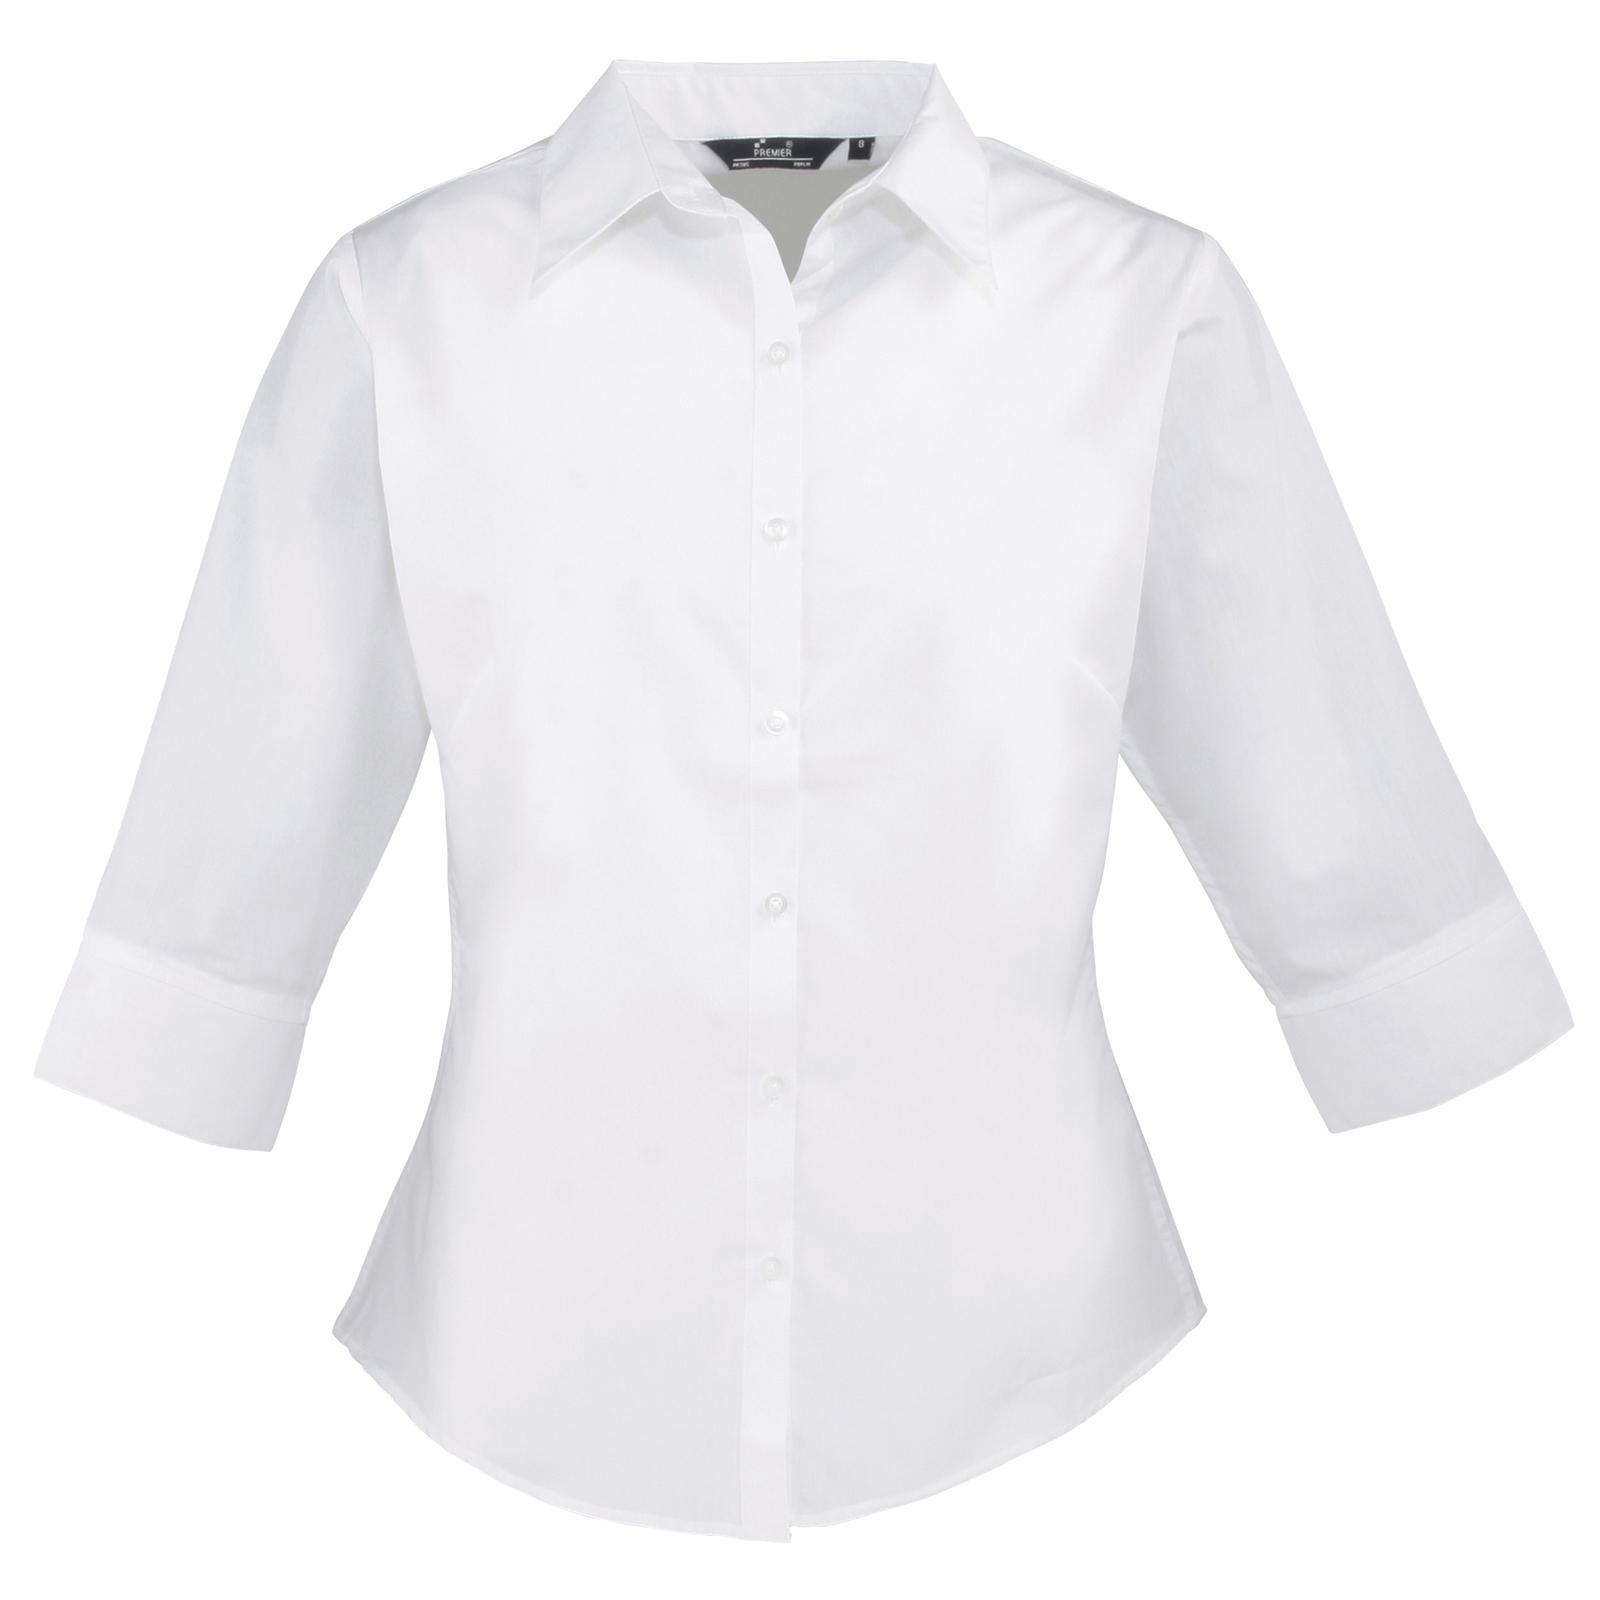 Womens White Blouse Short Sleeve